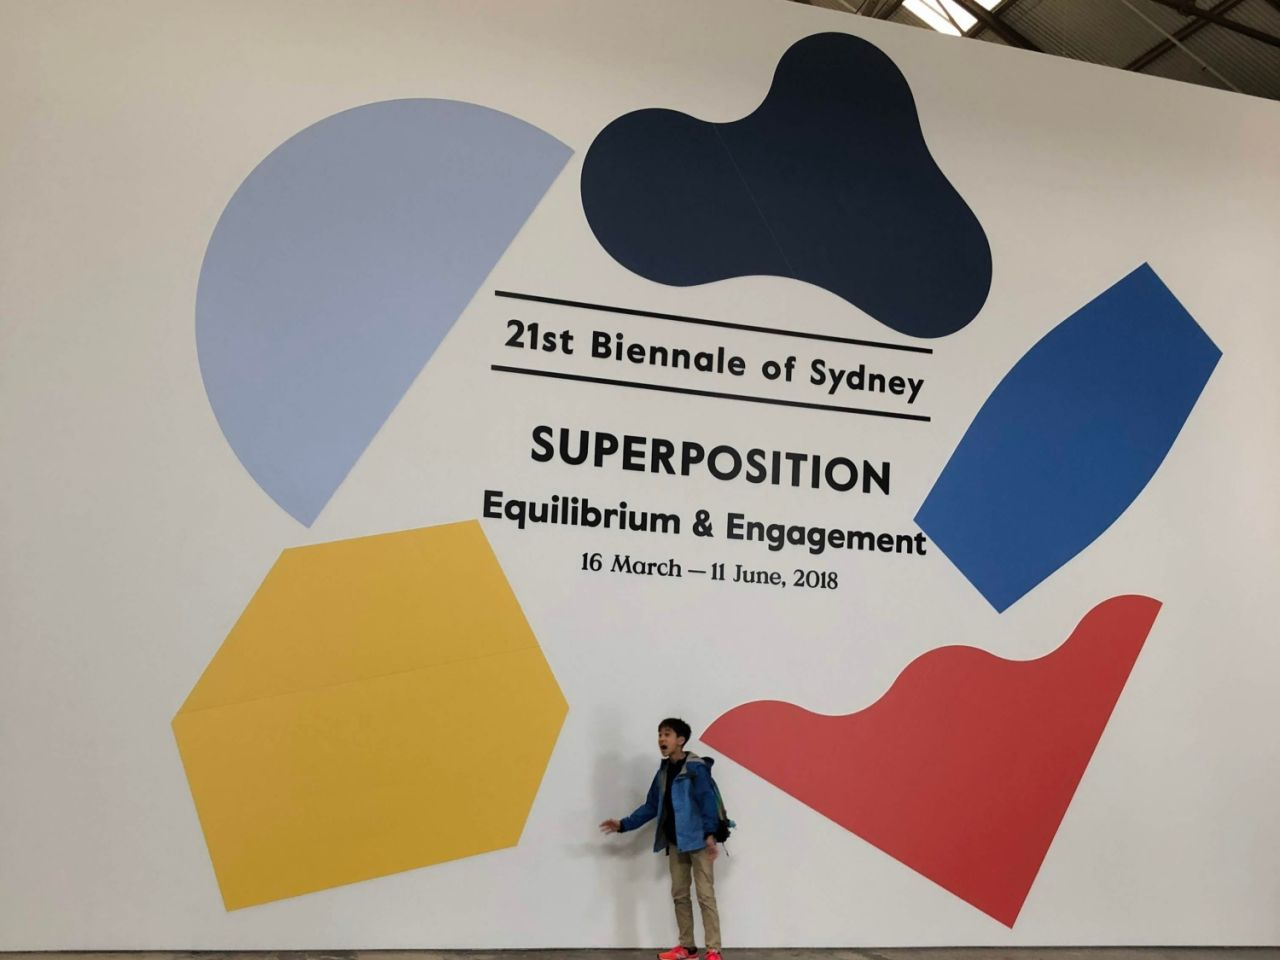 シドニー・ビエンナーレを親子で体感して理想のアートツーリズムについて考える